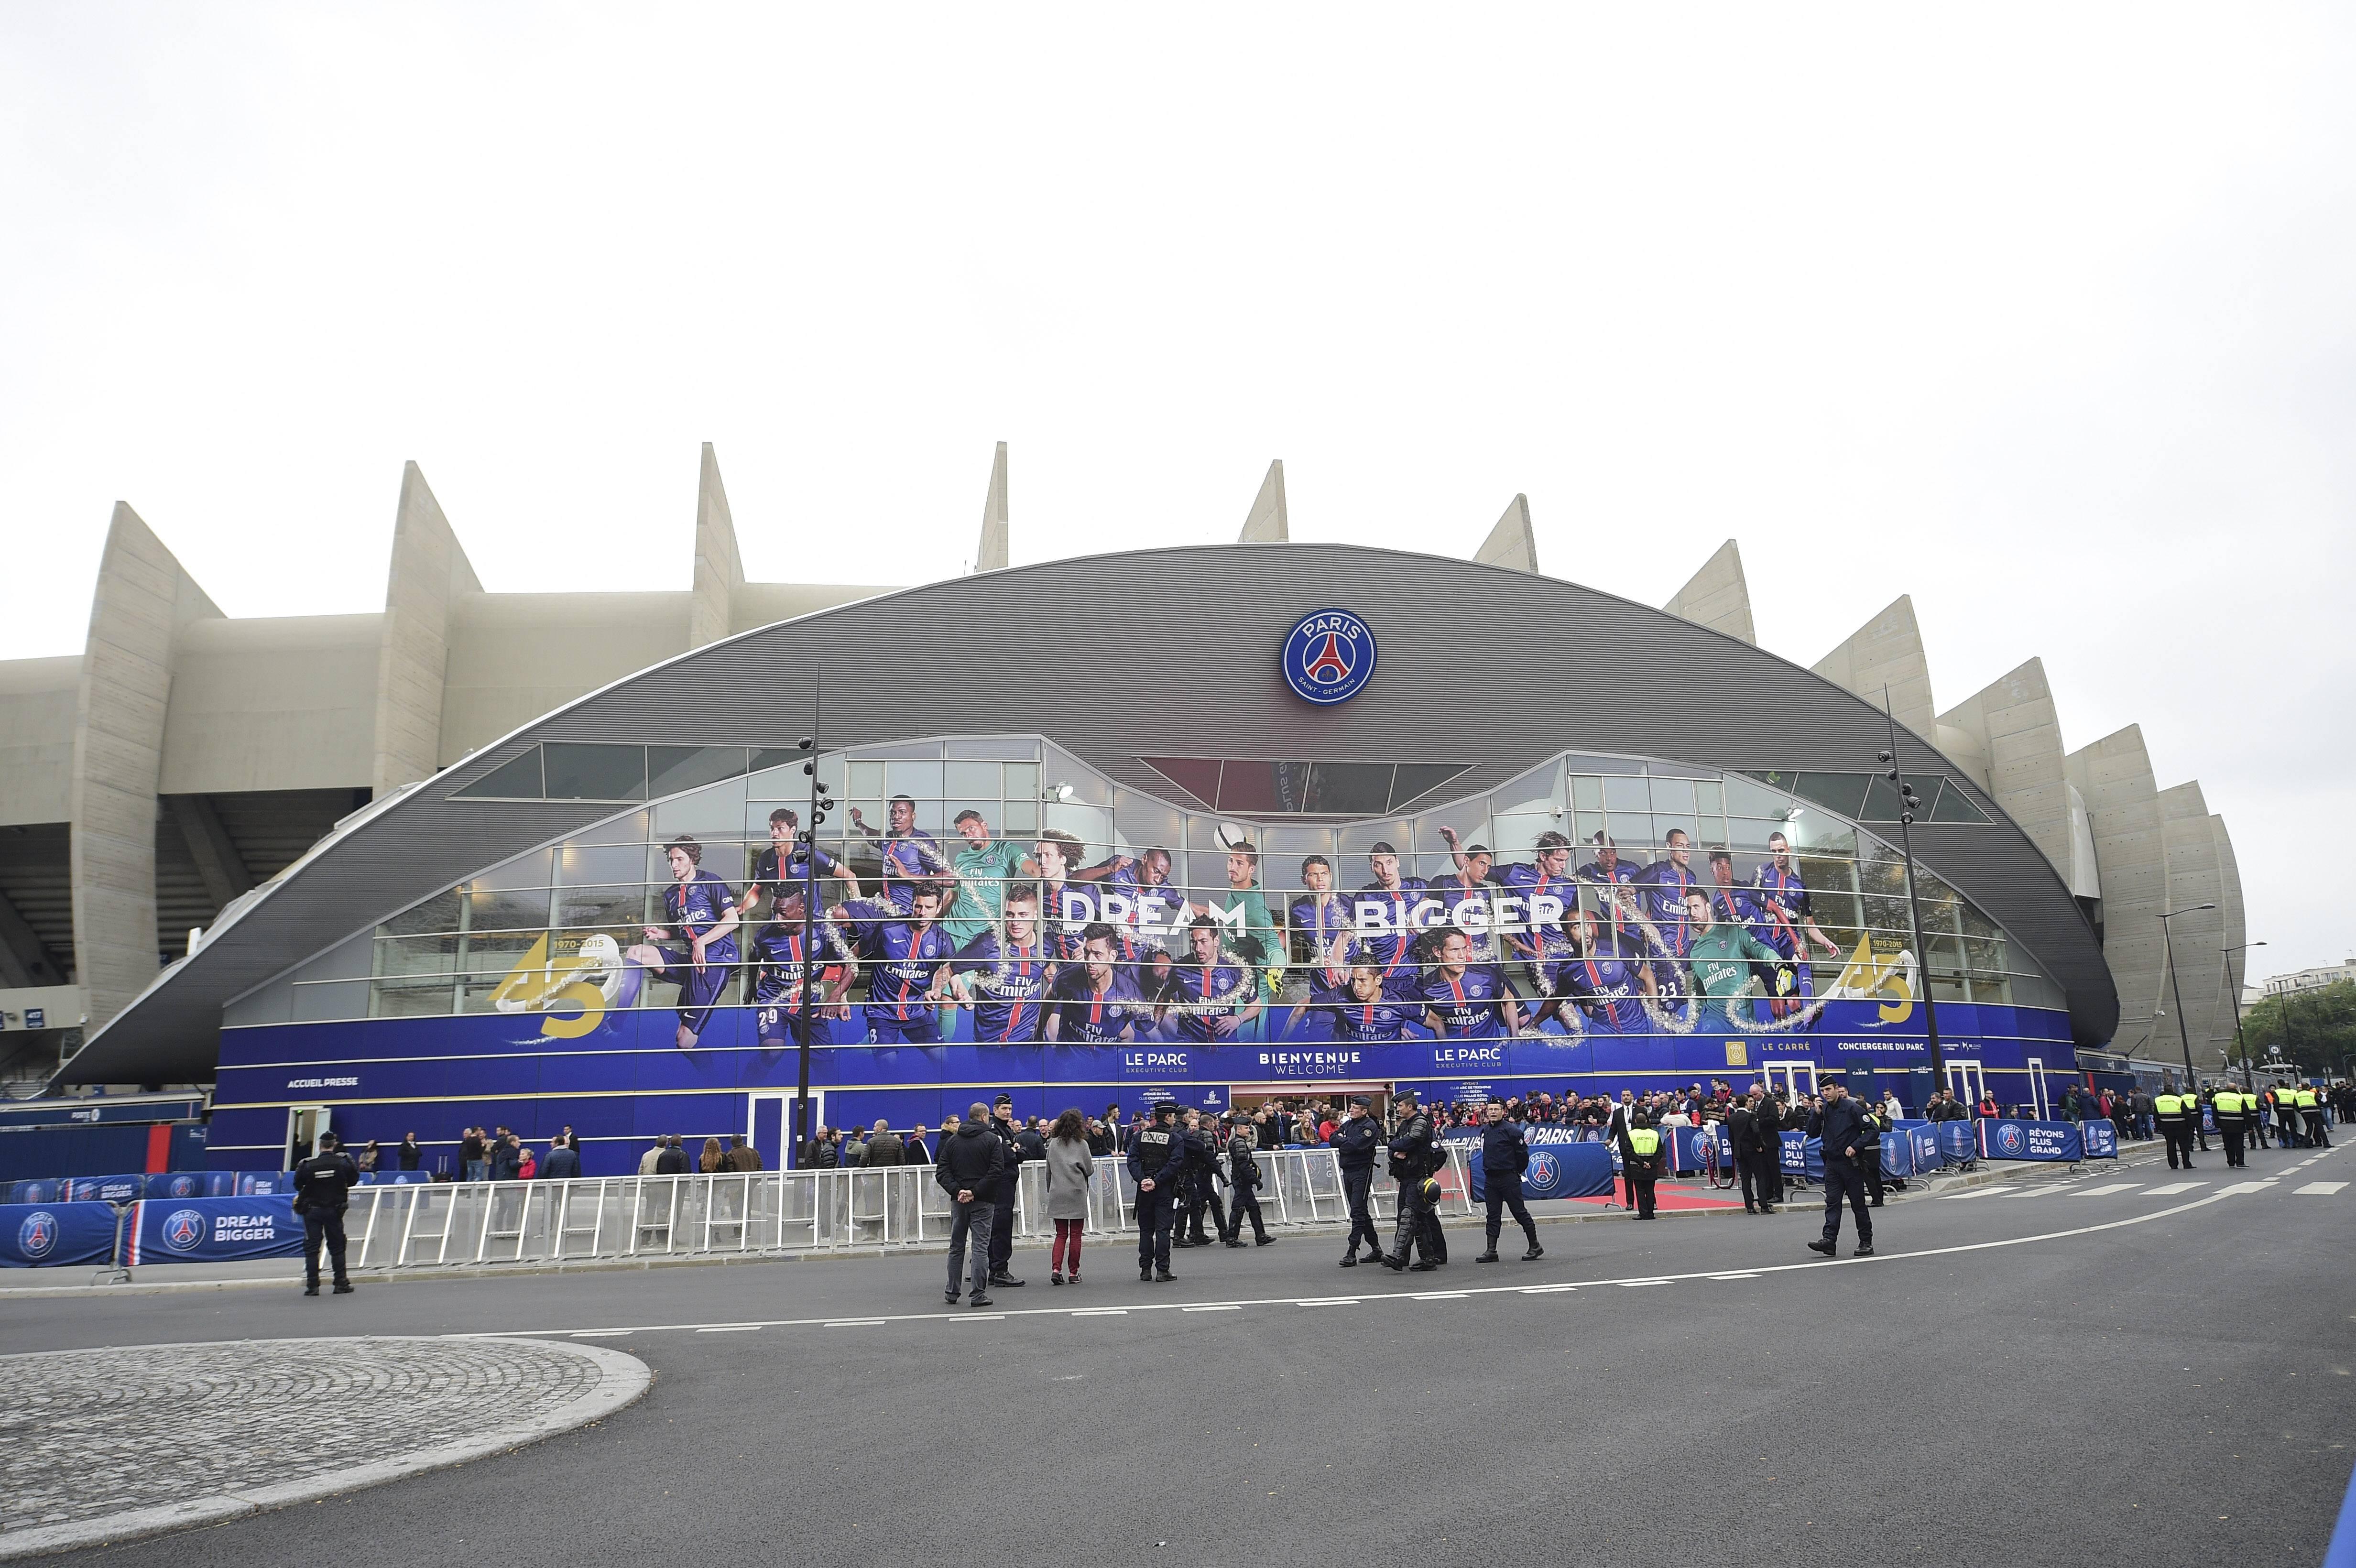 Parc des Princes FOOTBALL : Paris Saint Germain - Ligue 1 - Paris - 04/10/2015 JBAutissier/Panoramic PUBLICATIONxNOTxINxFRAxITAxBELParc the Princes Football Paris Saint Germain Ligue 1 Paris 04 10 2015 JBAutissier Panoramic PUBLICATIONxNOTxINxFRAxITAxBEL